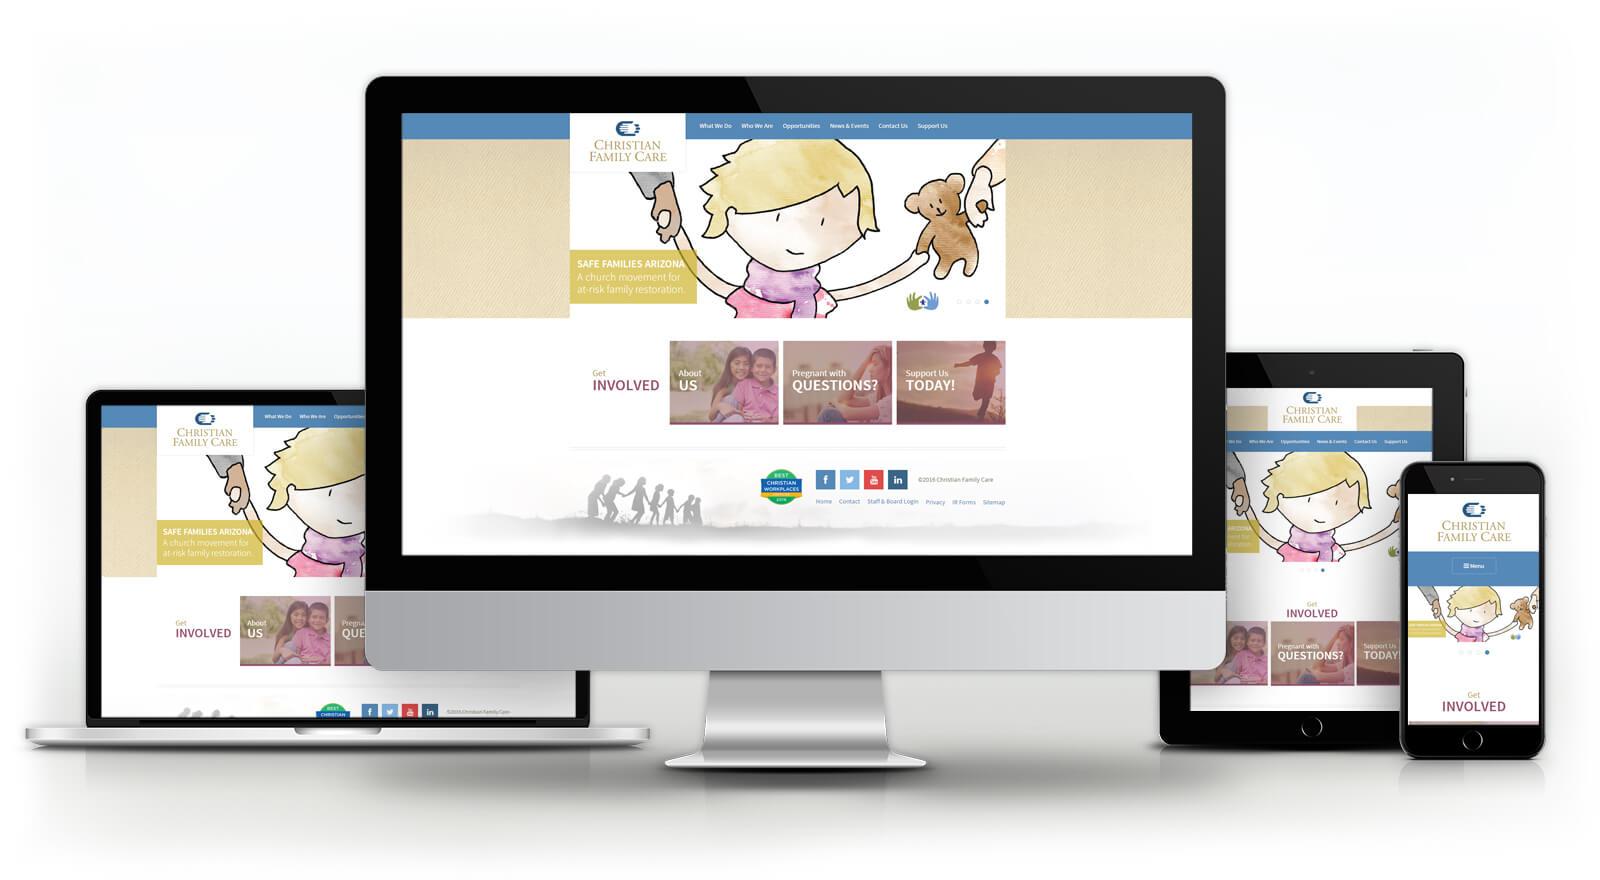 Christian Family Care - Website